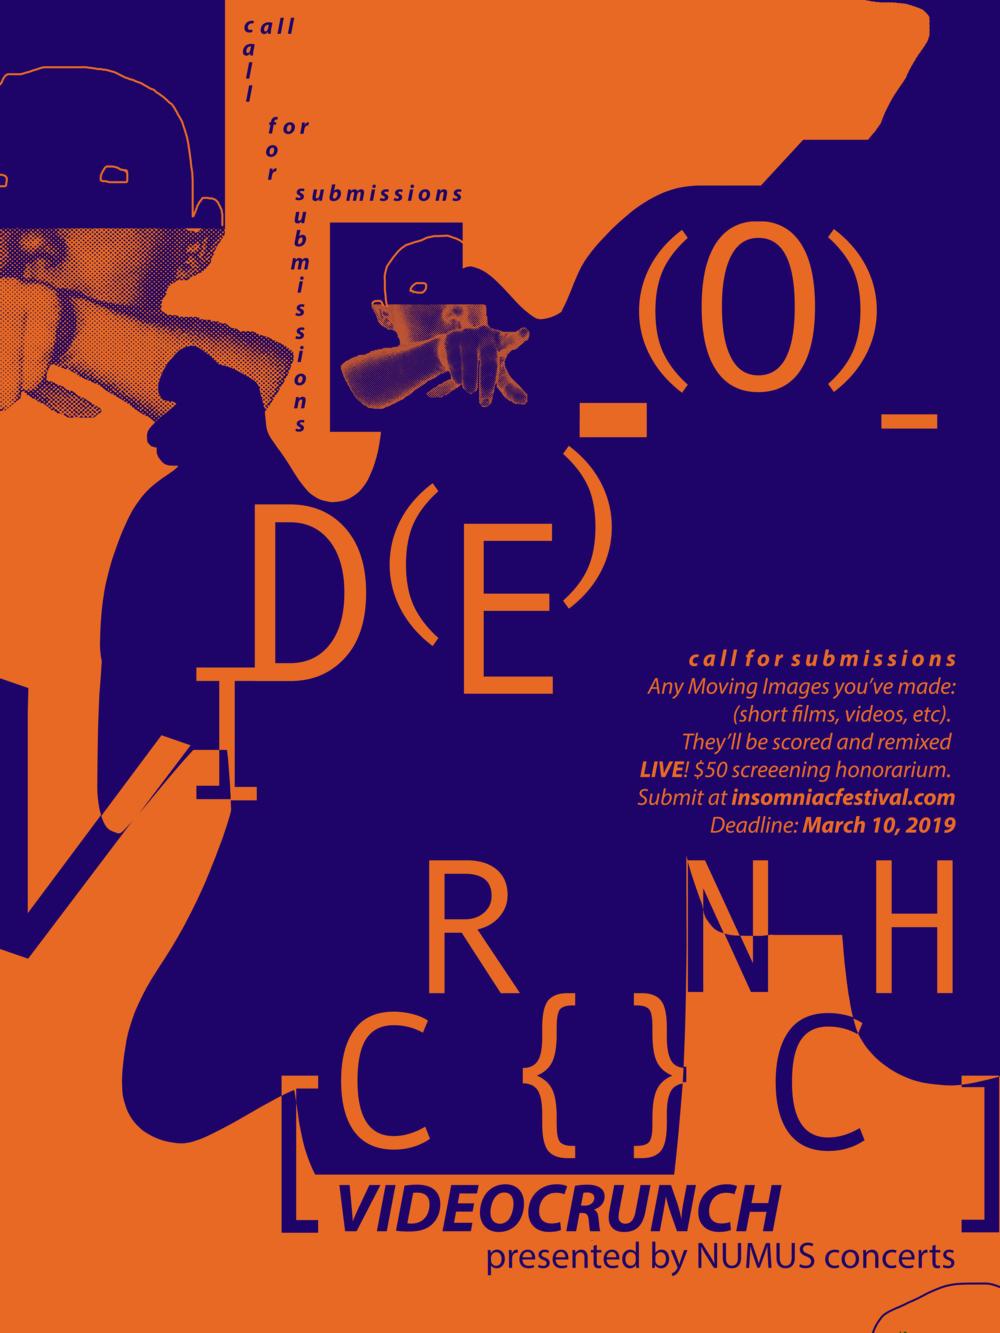 Poster by  Erika Verhagen